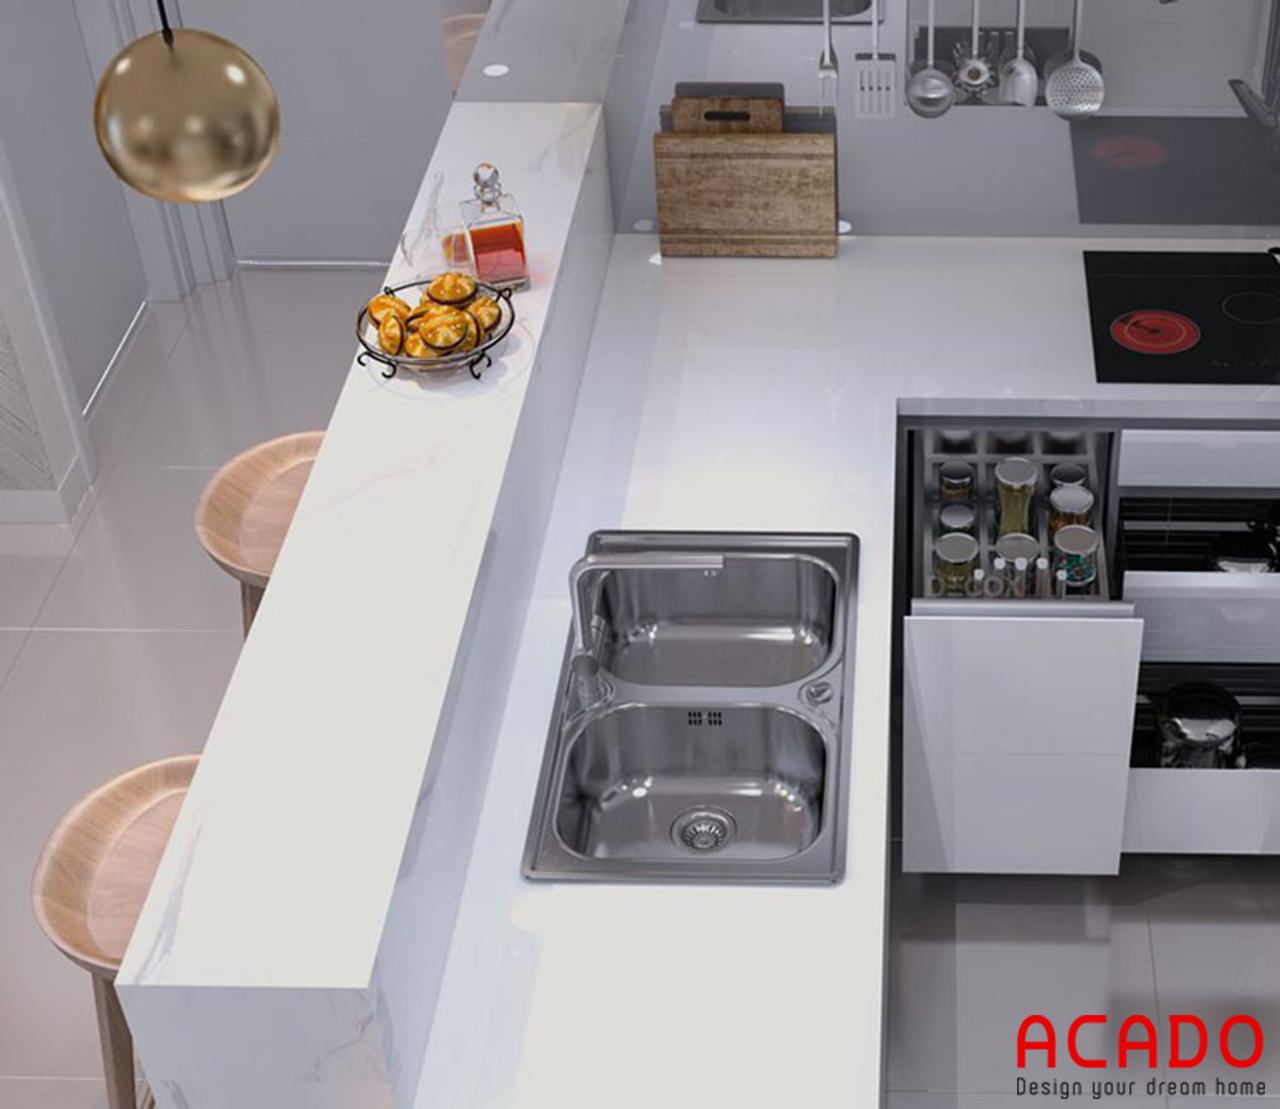 Bếp sử dụng đầy đủ thiết bị và phụ kiện nhà bếp cho gia chủ